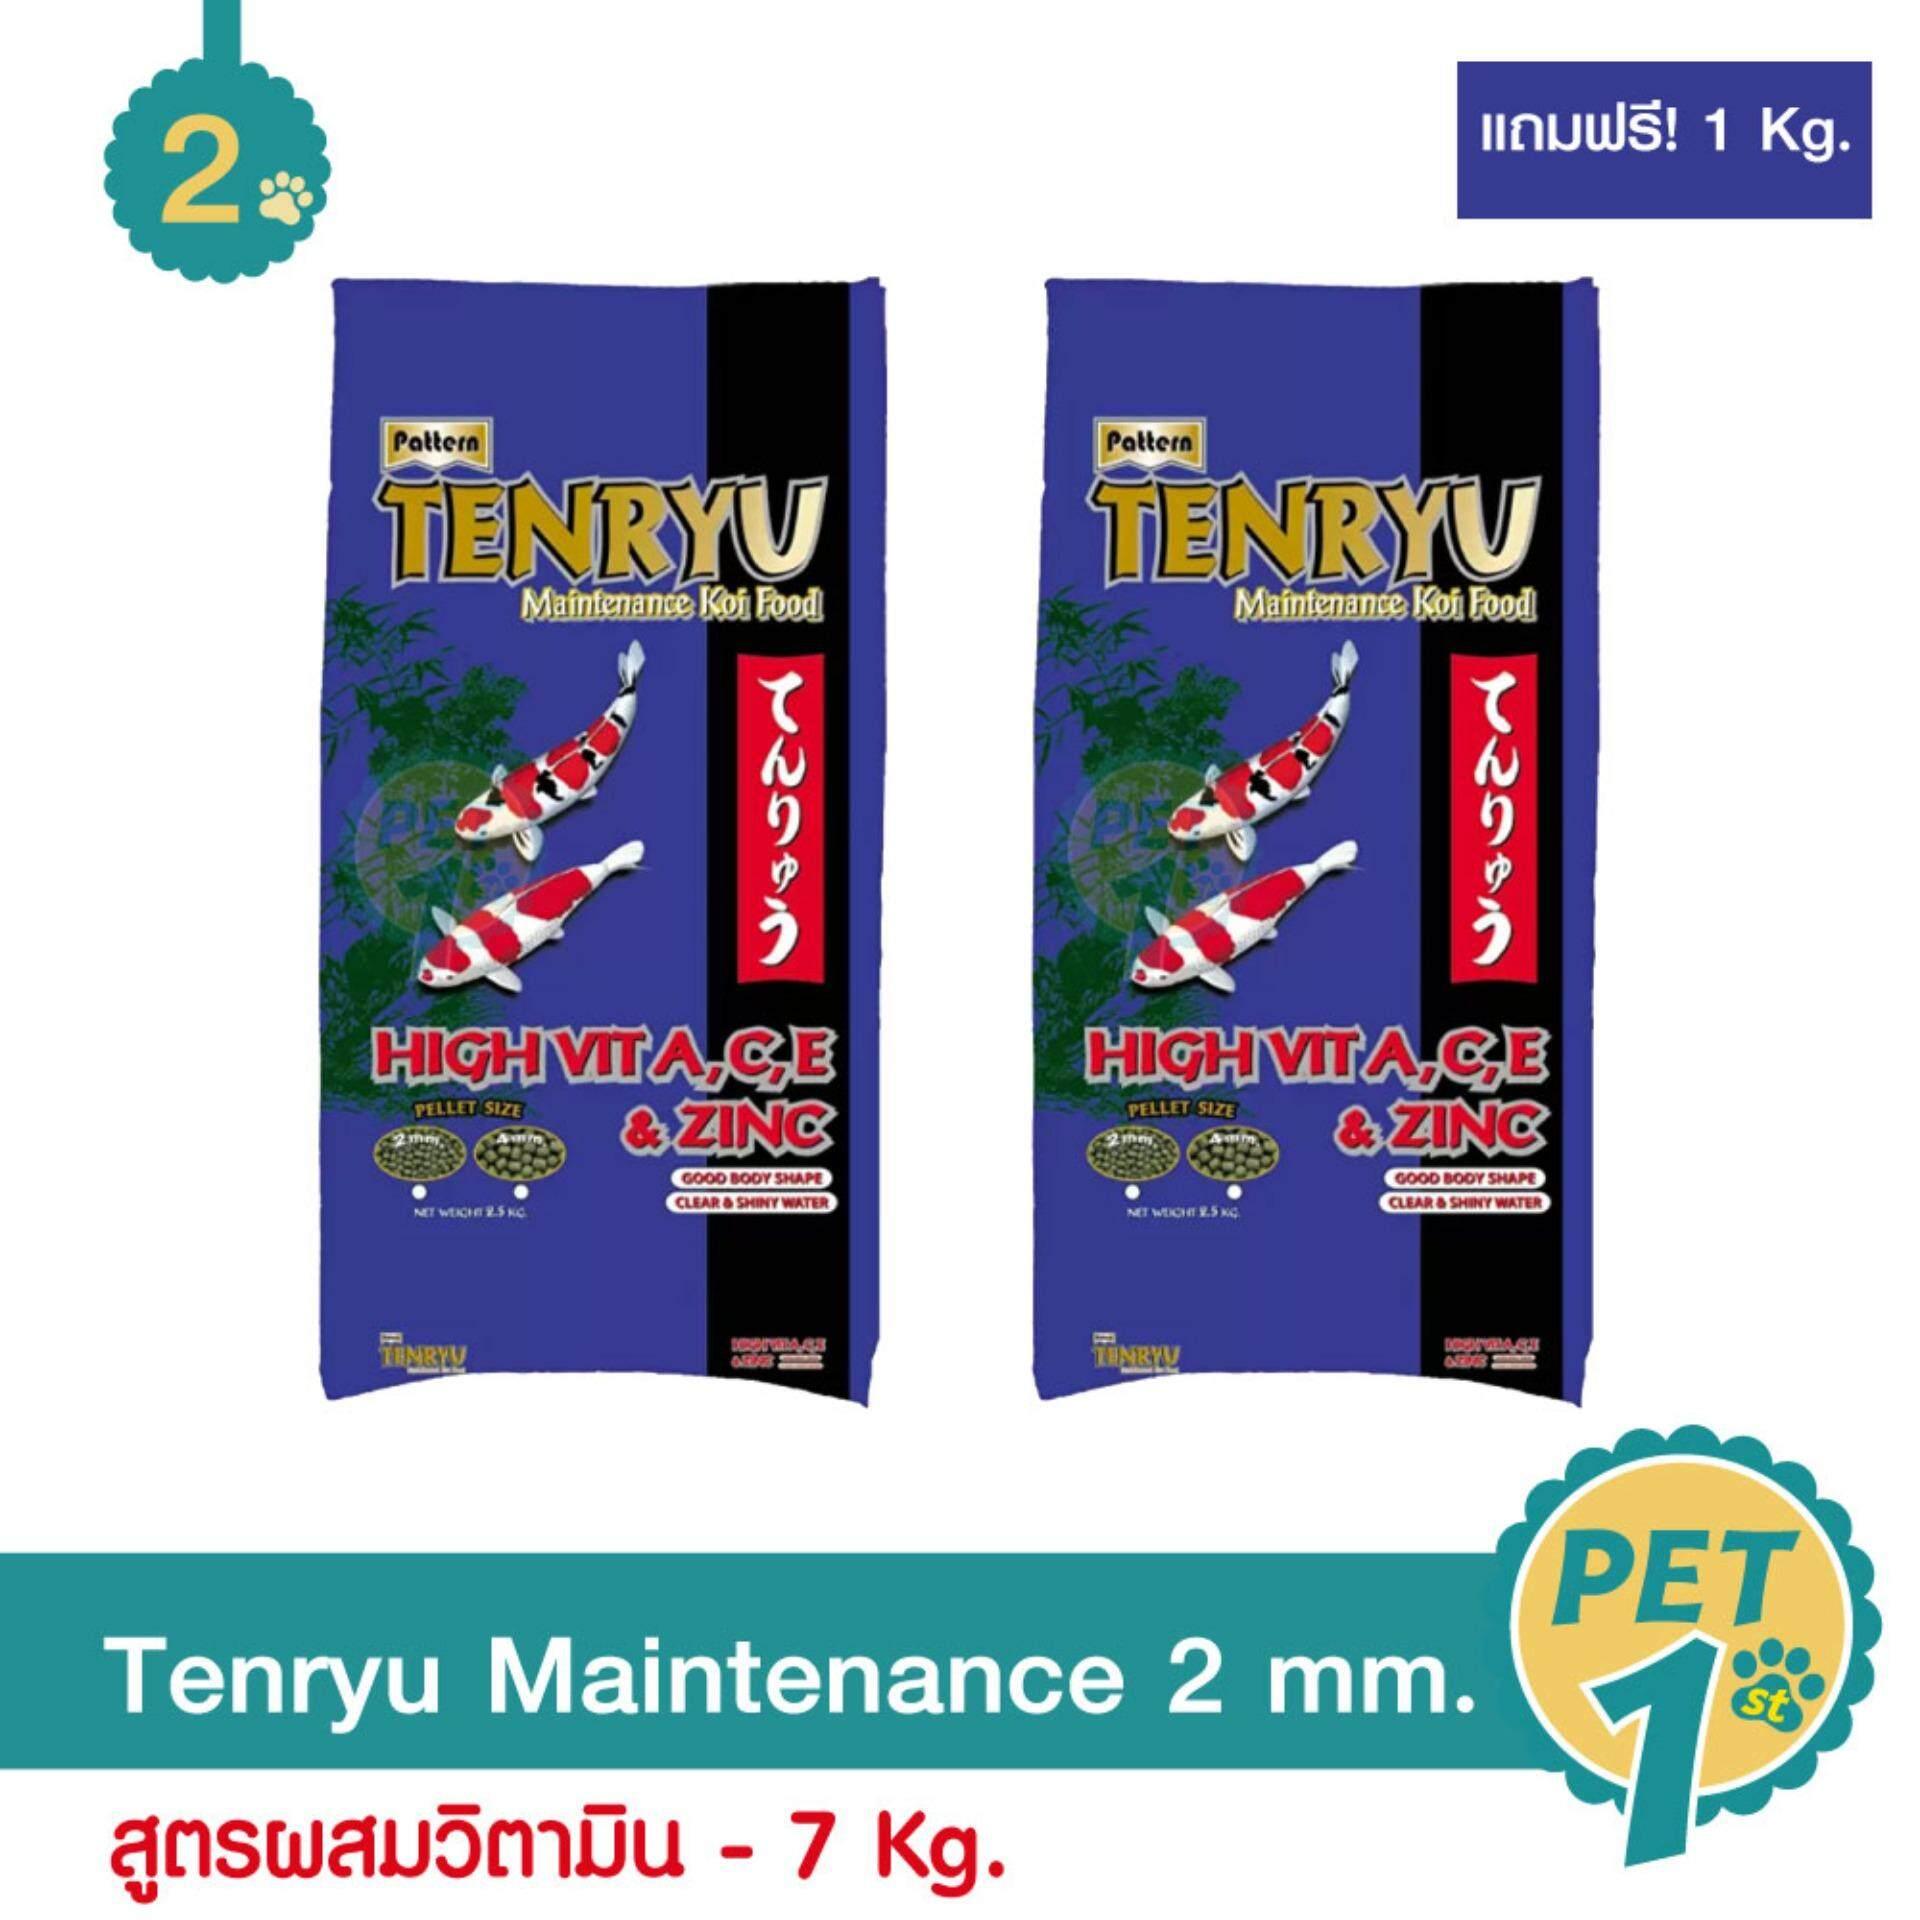 Tenryu Maintenance อาหารปลาคาร์ฟ สูตรผสมวิตามิน ไม่ทำให้น้ำขุ่น เม็ดเล็ก (2 มม.) 7 Kg. - 2 ถุง แถมฟรี! 1 Kg.